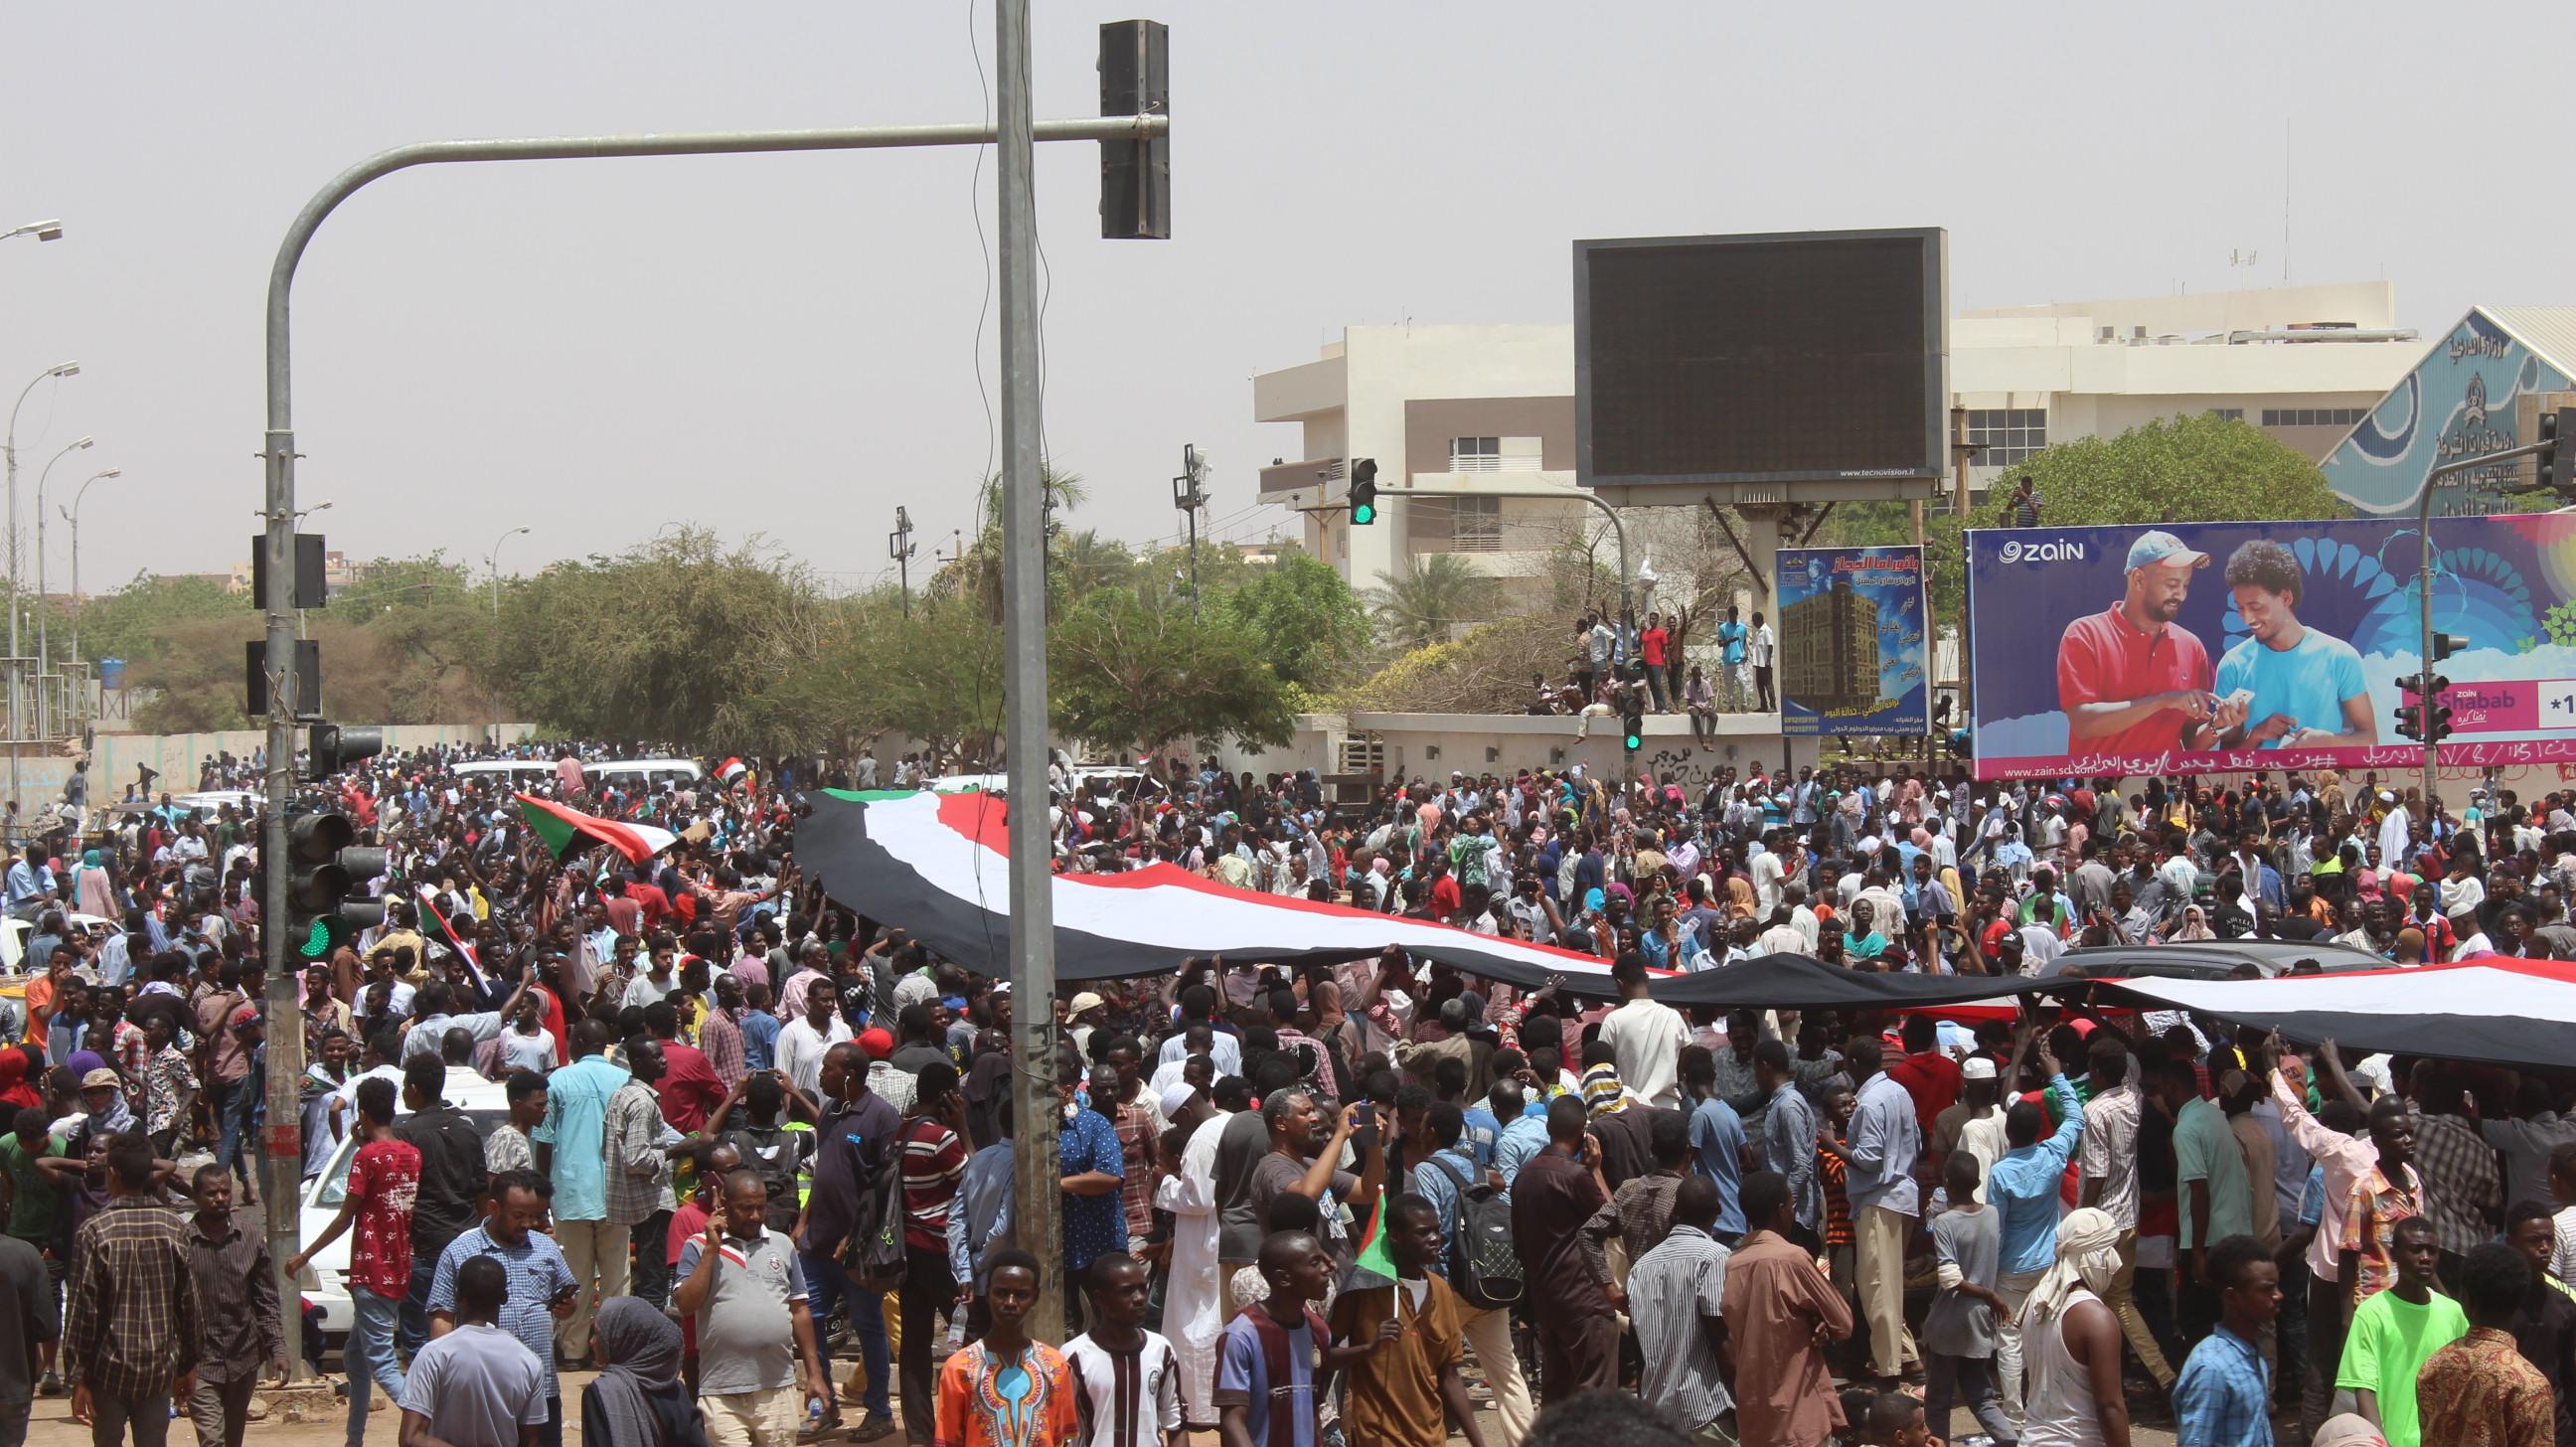 الحشود بالخرطوم صباح 11 أبريل 2019، نهار سقوط عمر البشير الصورة: مسارب